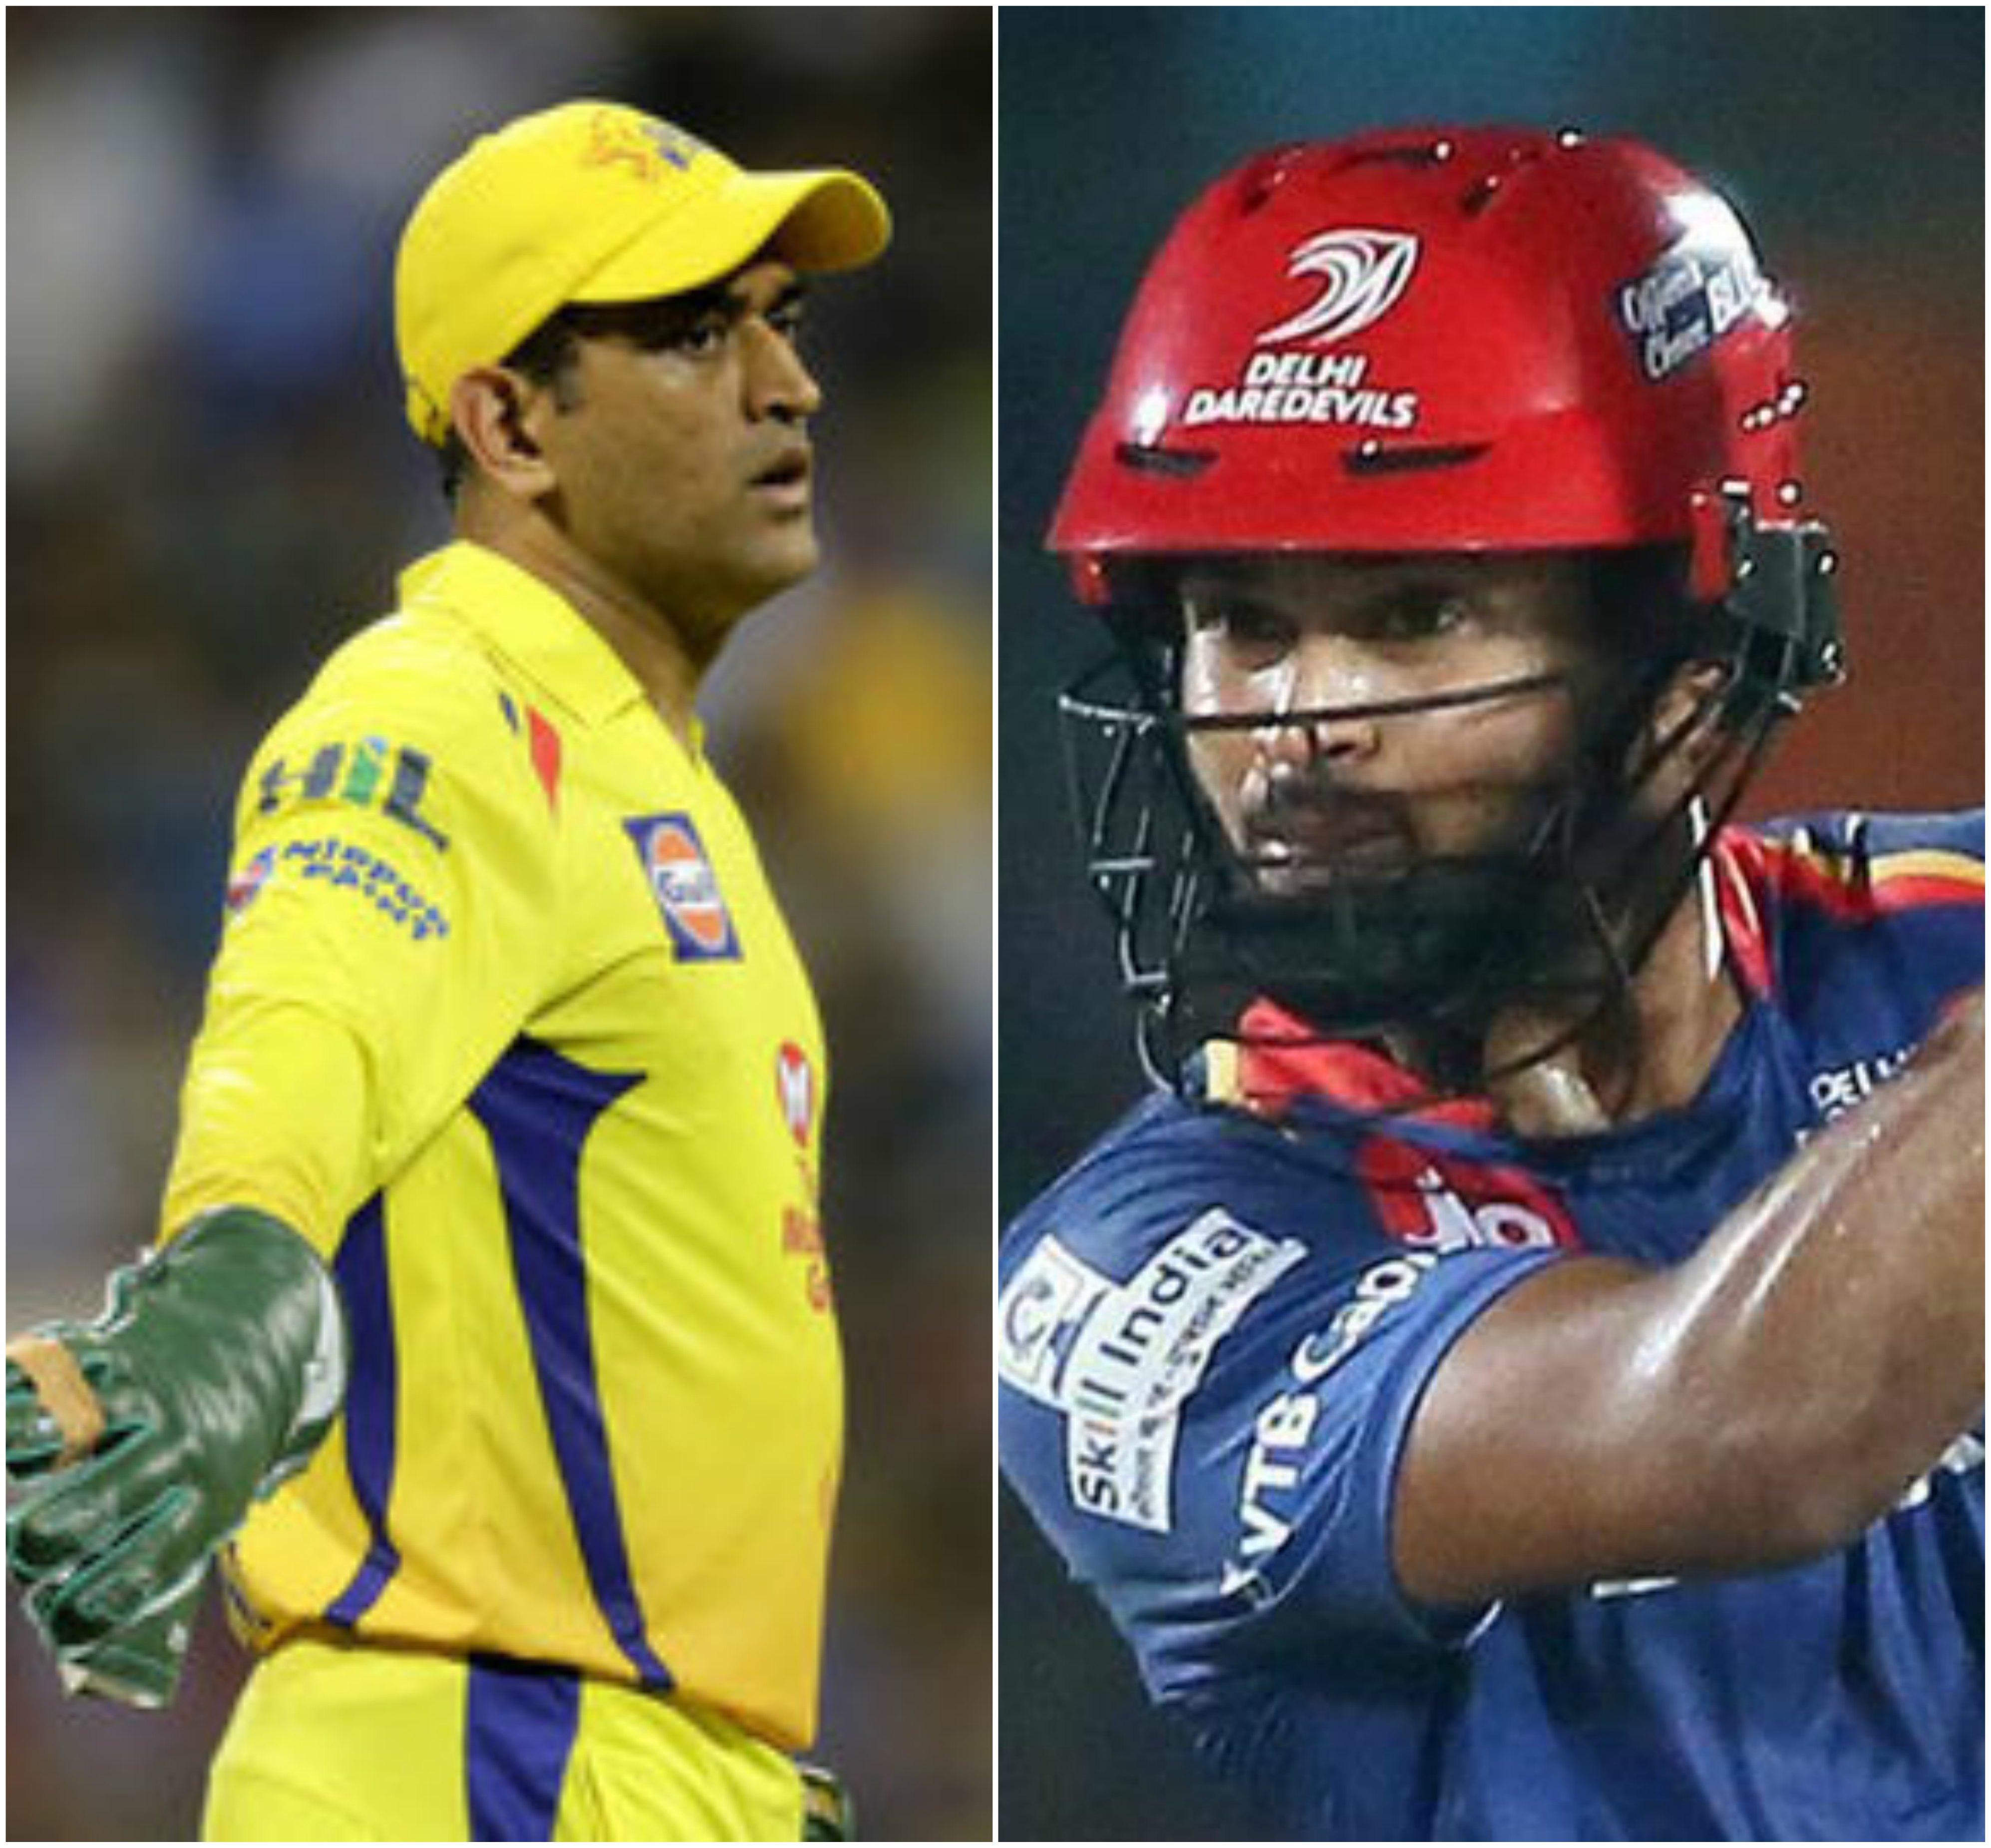 IPL 2018: चेन्नई पर भारी पड़ेंगे दिल्ली डेयर डेविल्स के ये 2 खिलाड़ी, धोनी, ब्रावो और रैना पर भी होगी नजर 4